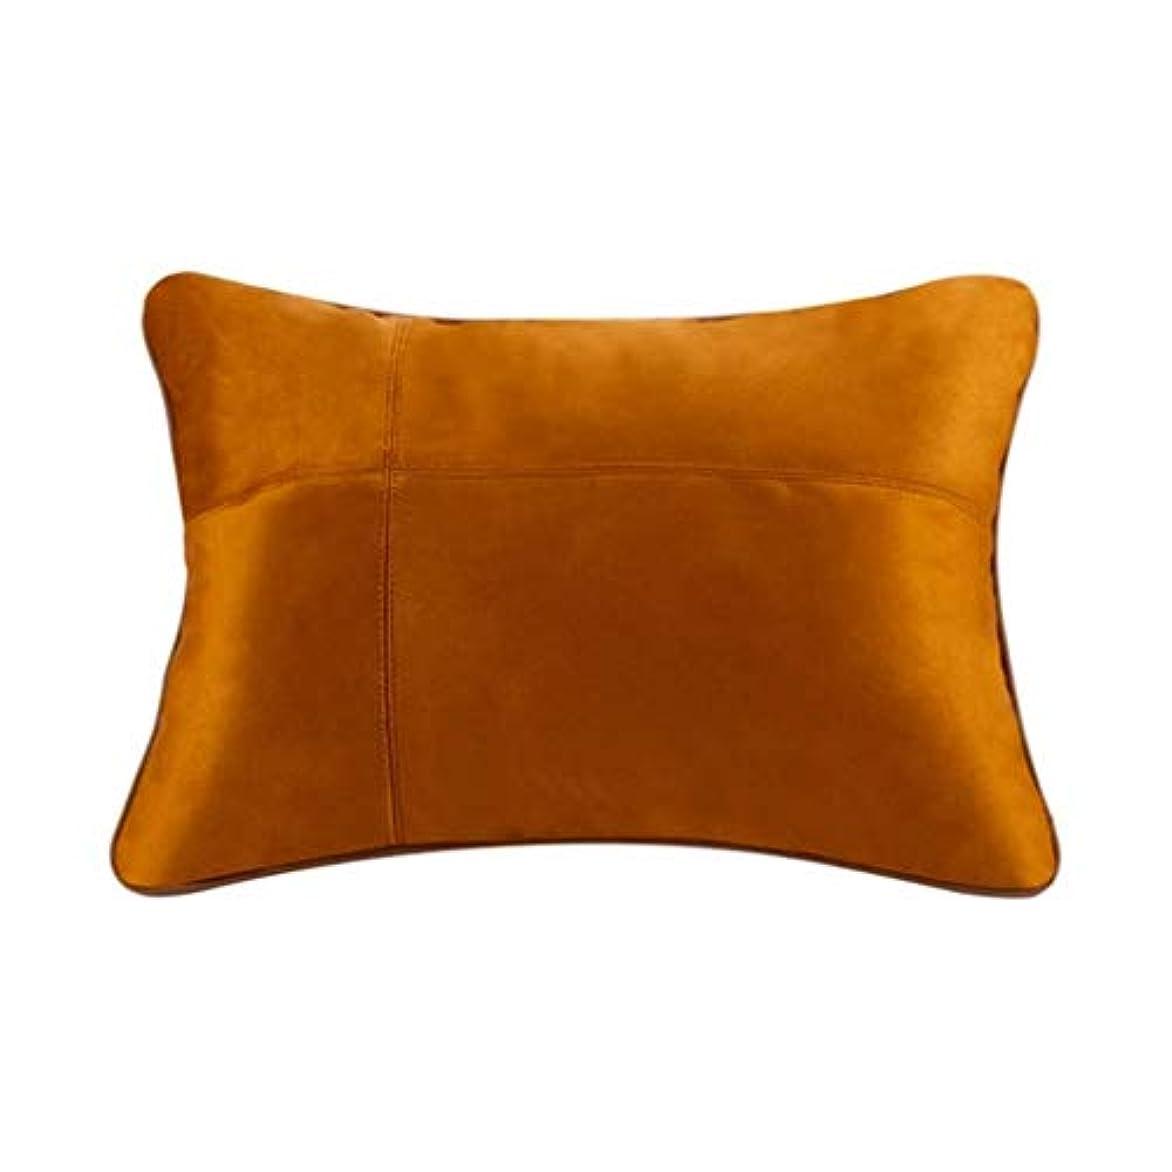 以来プラグダッシュ枕、腰部背部支持パッド、妊娠中の腰椎枕、腰用シートクッション、姿勢ブレース、腰痛を和らげる、低反発腰椎背もたれ枕、オフィスカーチェア、車の室内装飾 (Color : Brown)